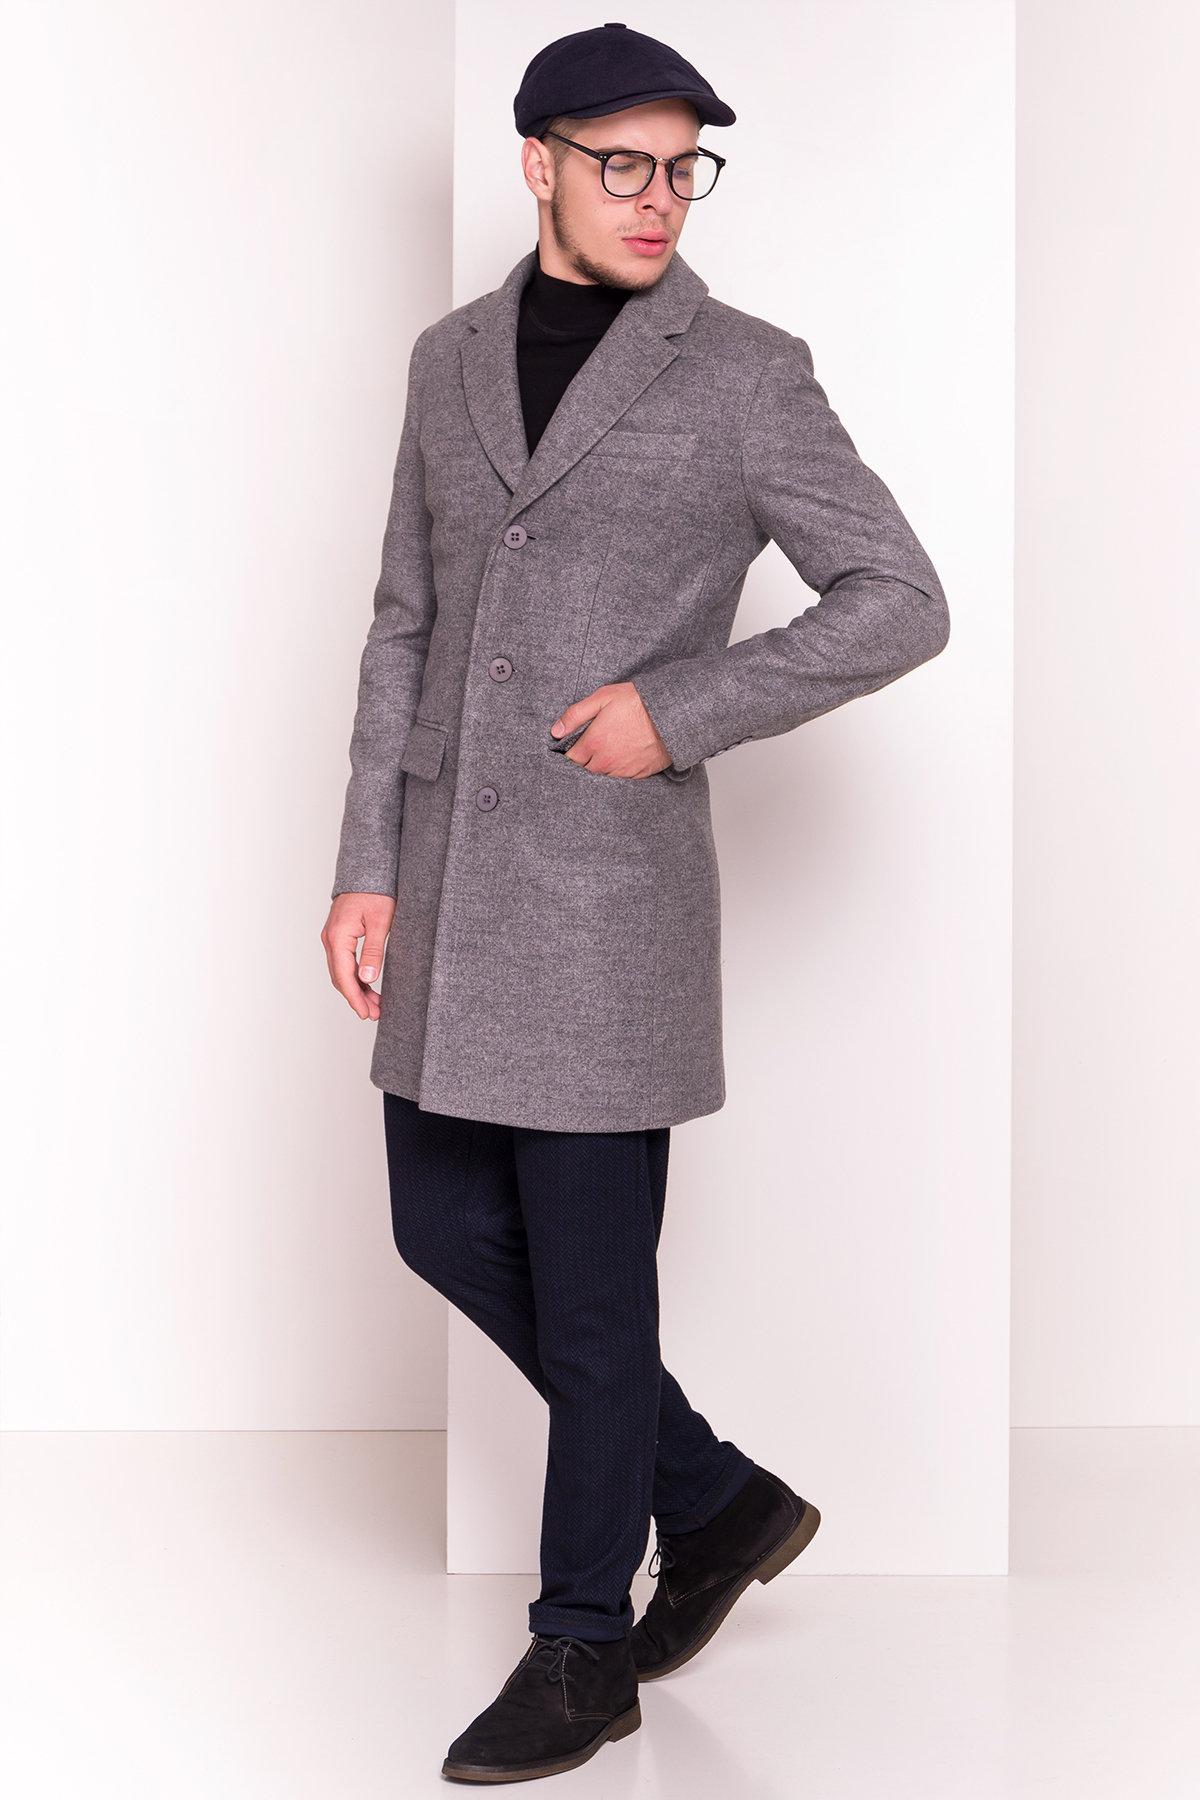 Пальто мужское Пако 5235 АРТ. 36435 Цвет: Серый - фото 3, интернет магазин tm-modus.ru